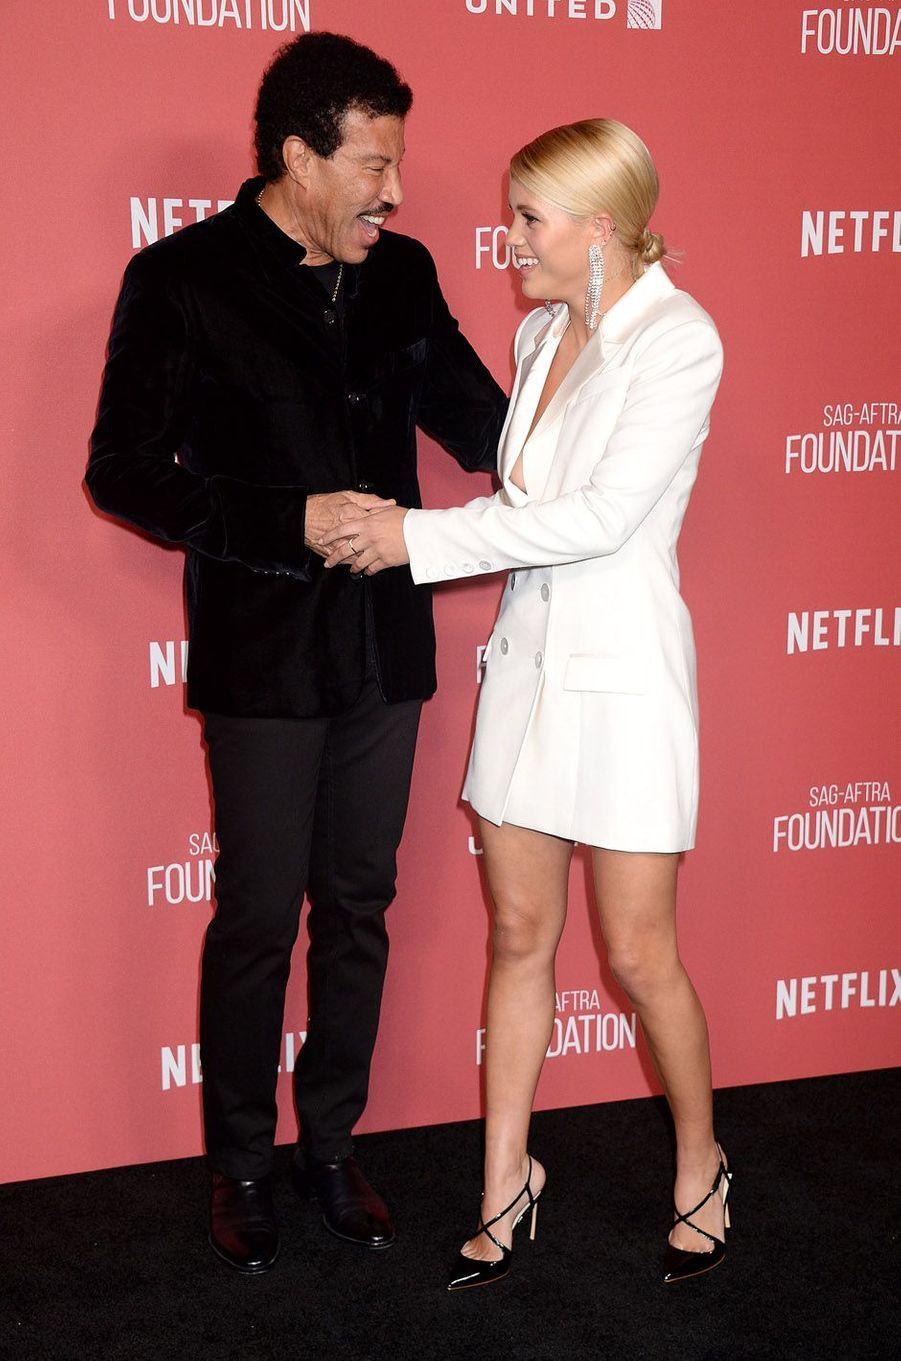 Lionel et Sofia Richieà la soirée des SAG- AFTRA Foundation's Patron of the Artists Awards à Los Angeles, le 9 novembre 2017.